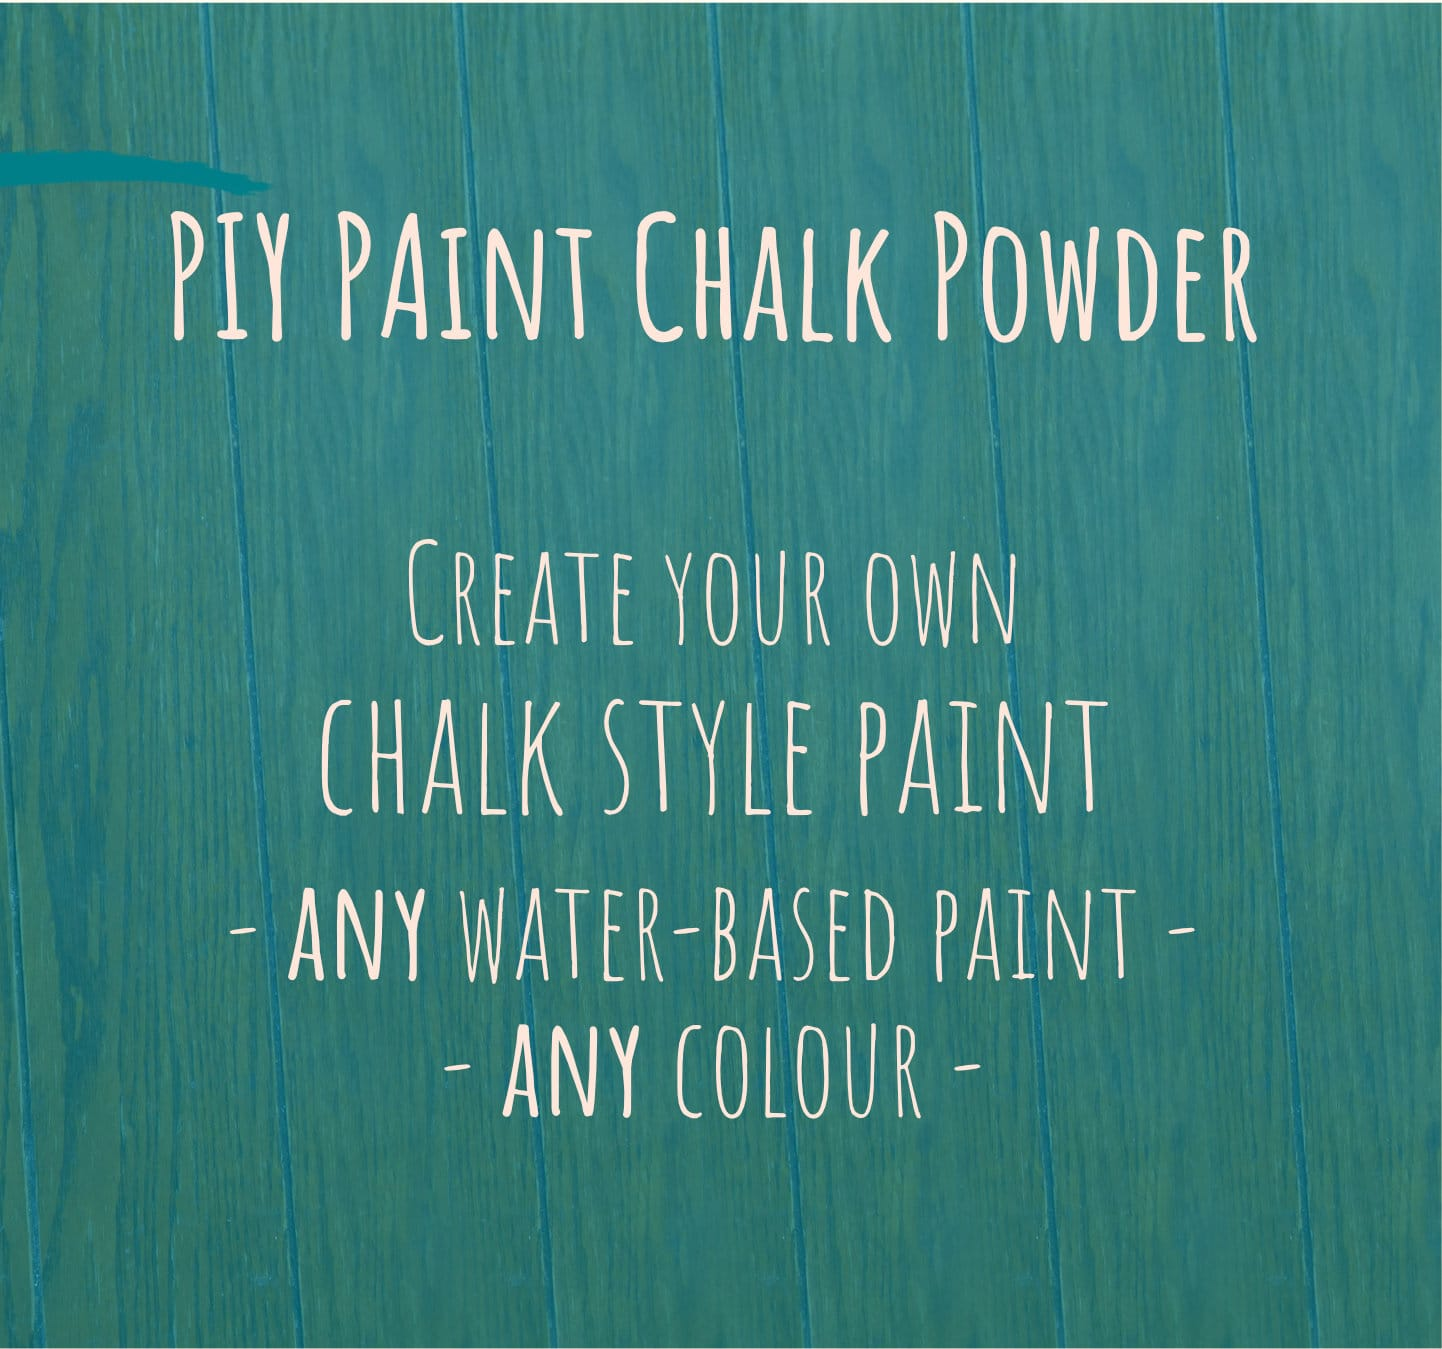 piy paint chalk powder 14 oz piy products